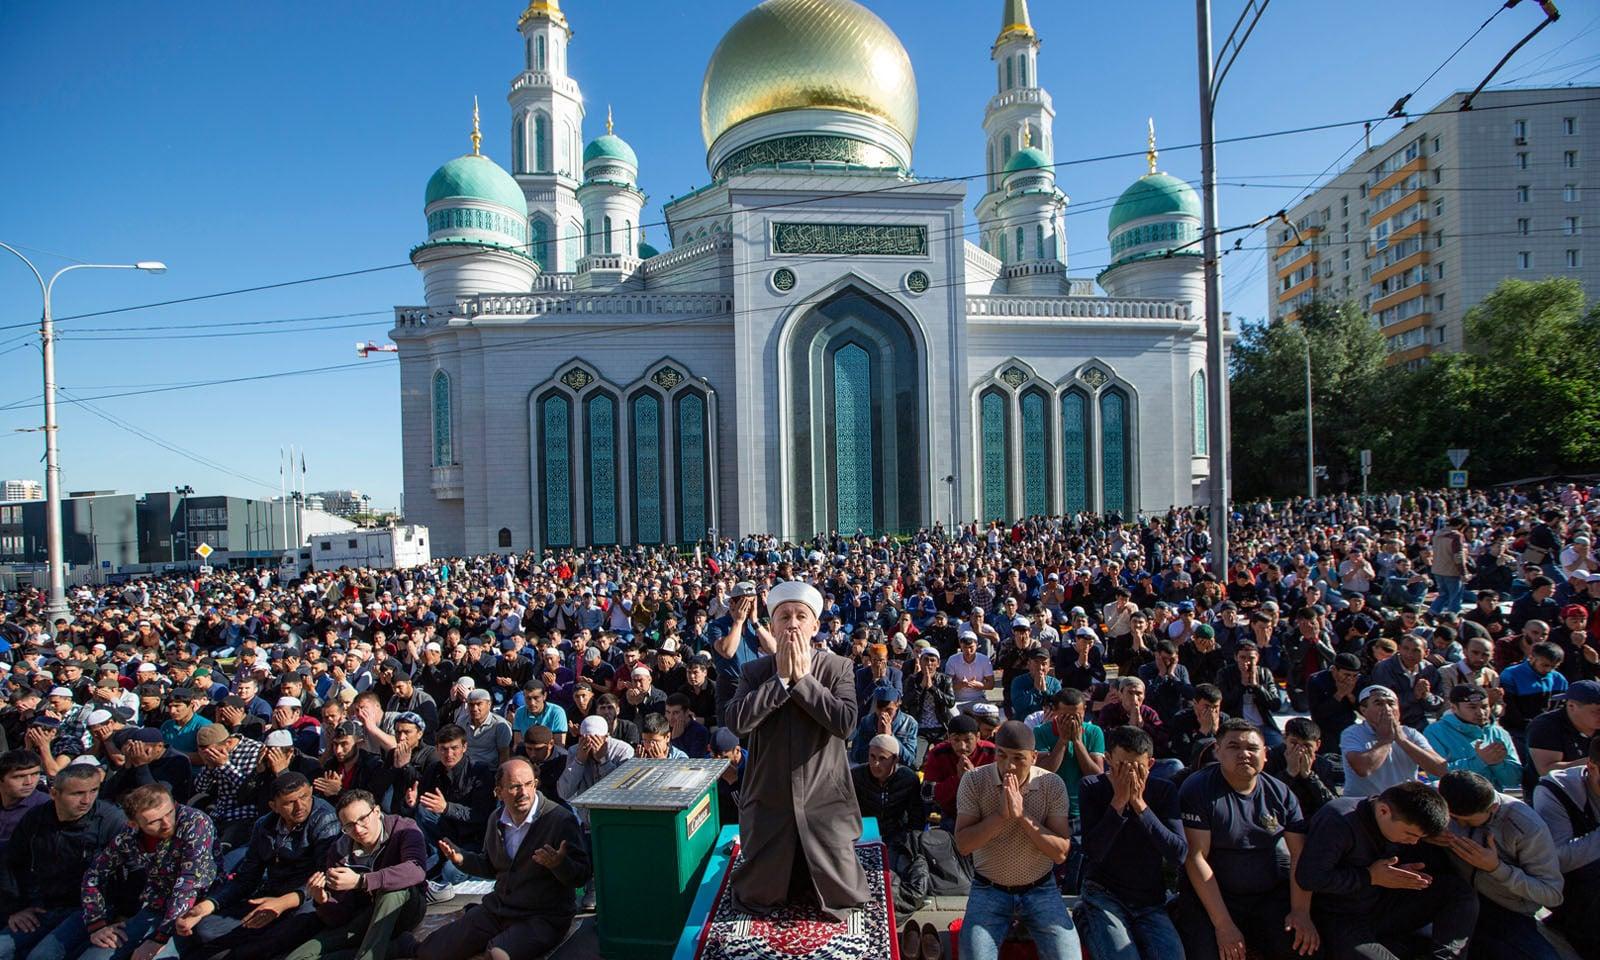 روس میں بھی نماز عید پڑھنے کے لیے مسلمان بڑی تعداد میں ایک جگہ جمع ہوئے —فوٹو/ اے پی